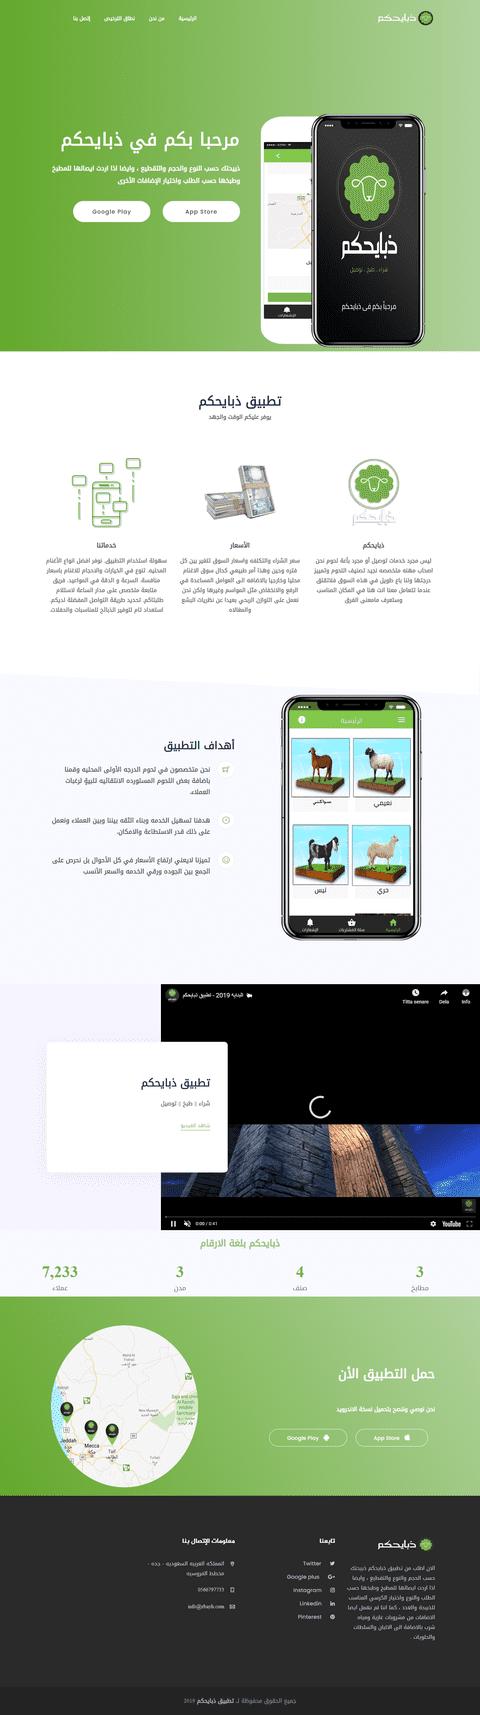 موقع ترويجي لتطبيق وعرض الخدمات